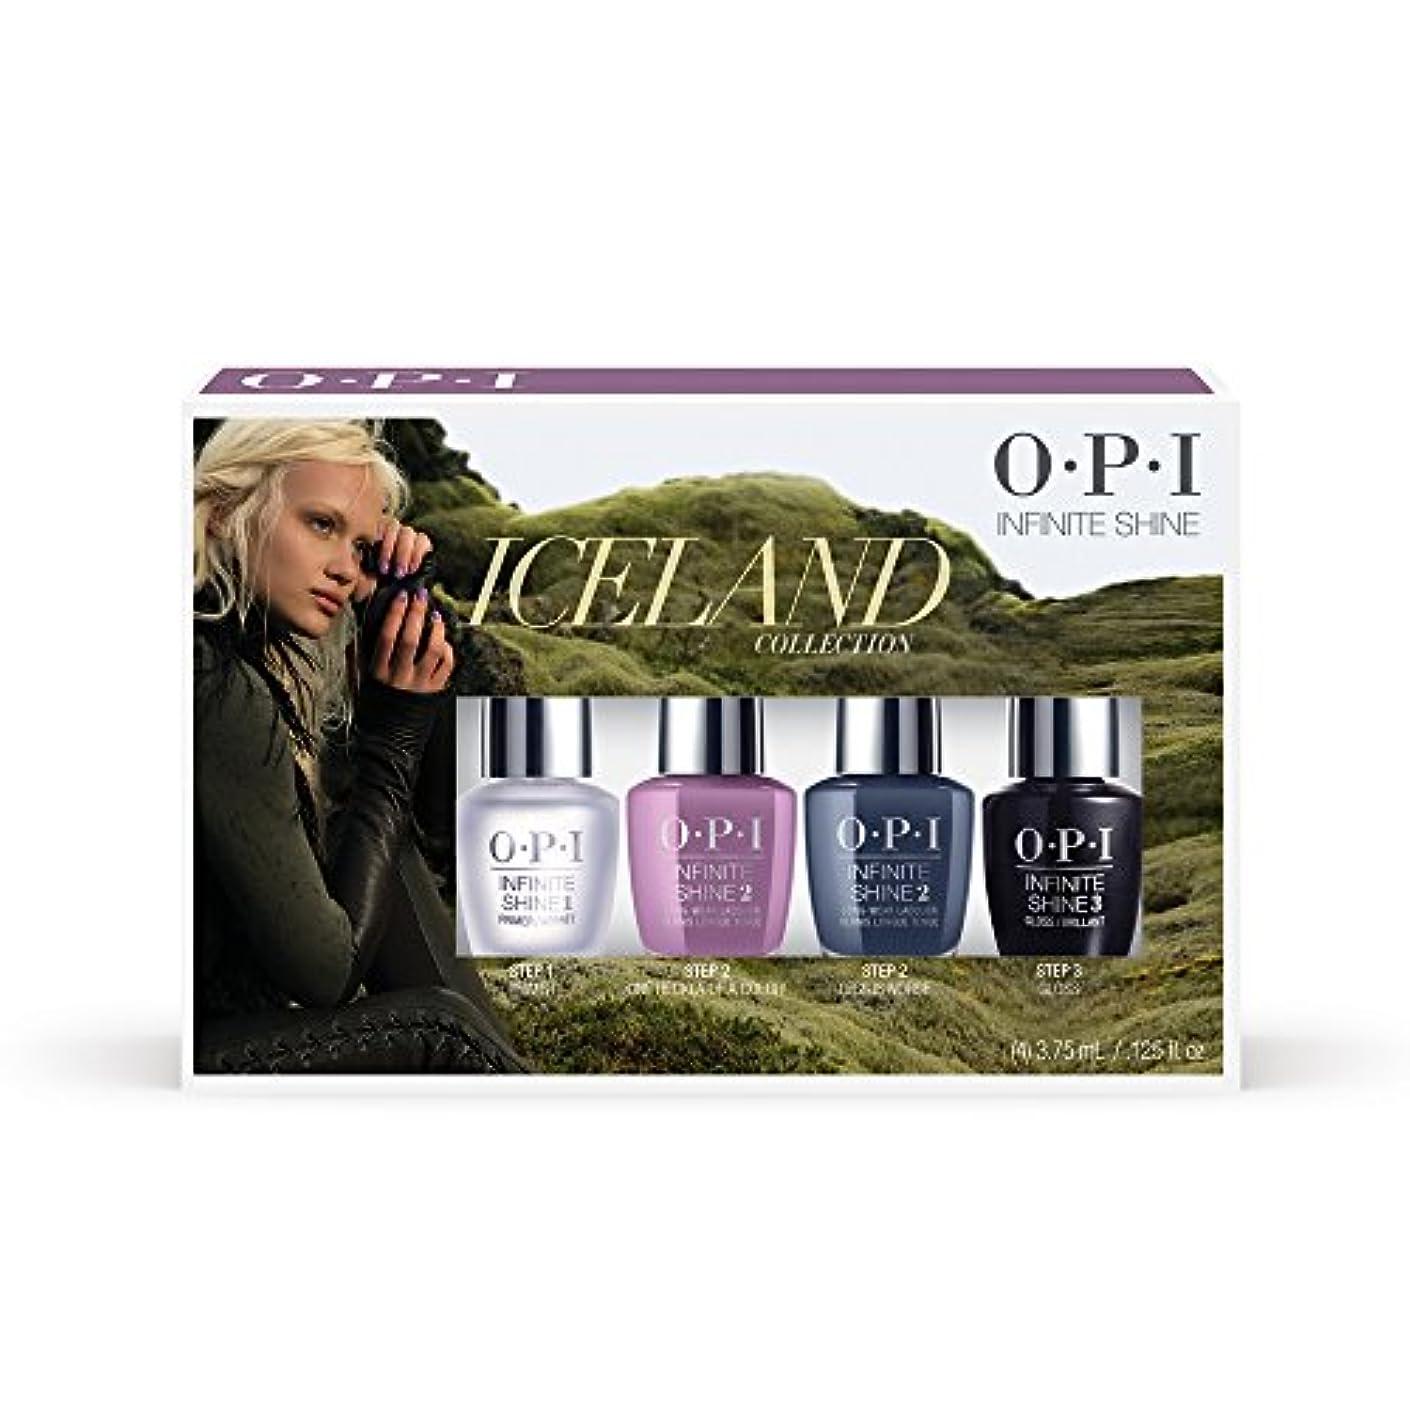 コンサートテスト口実OPI(オーピーアイ) アイスランド コレクション インフィニット シャイン ミニパック